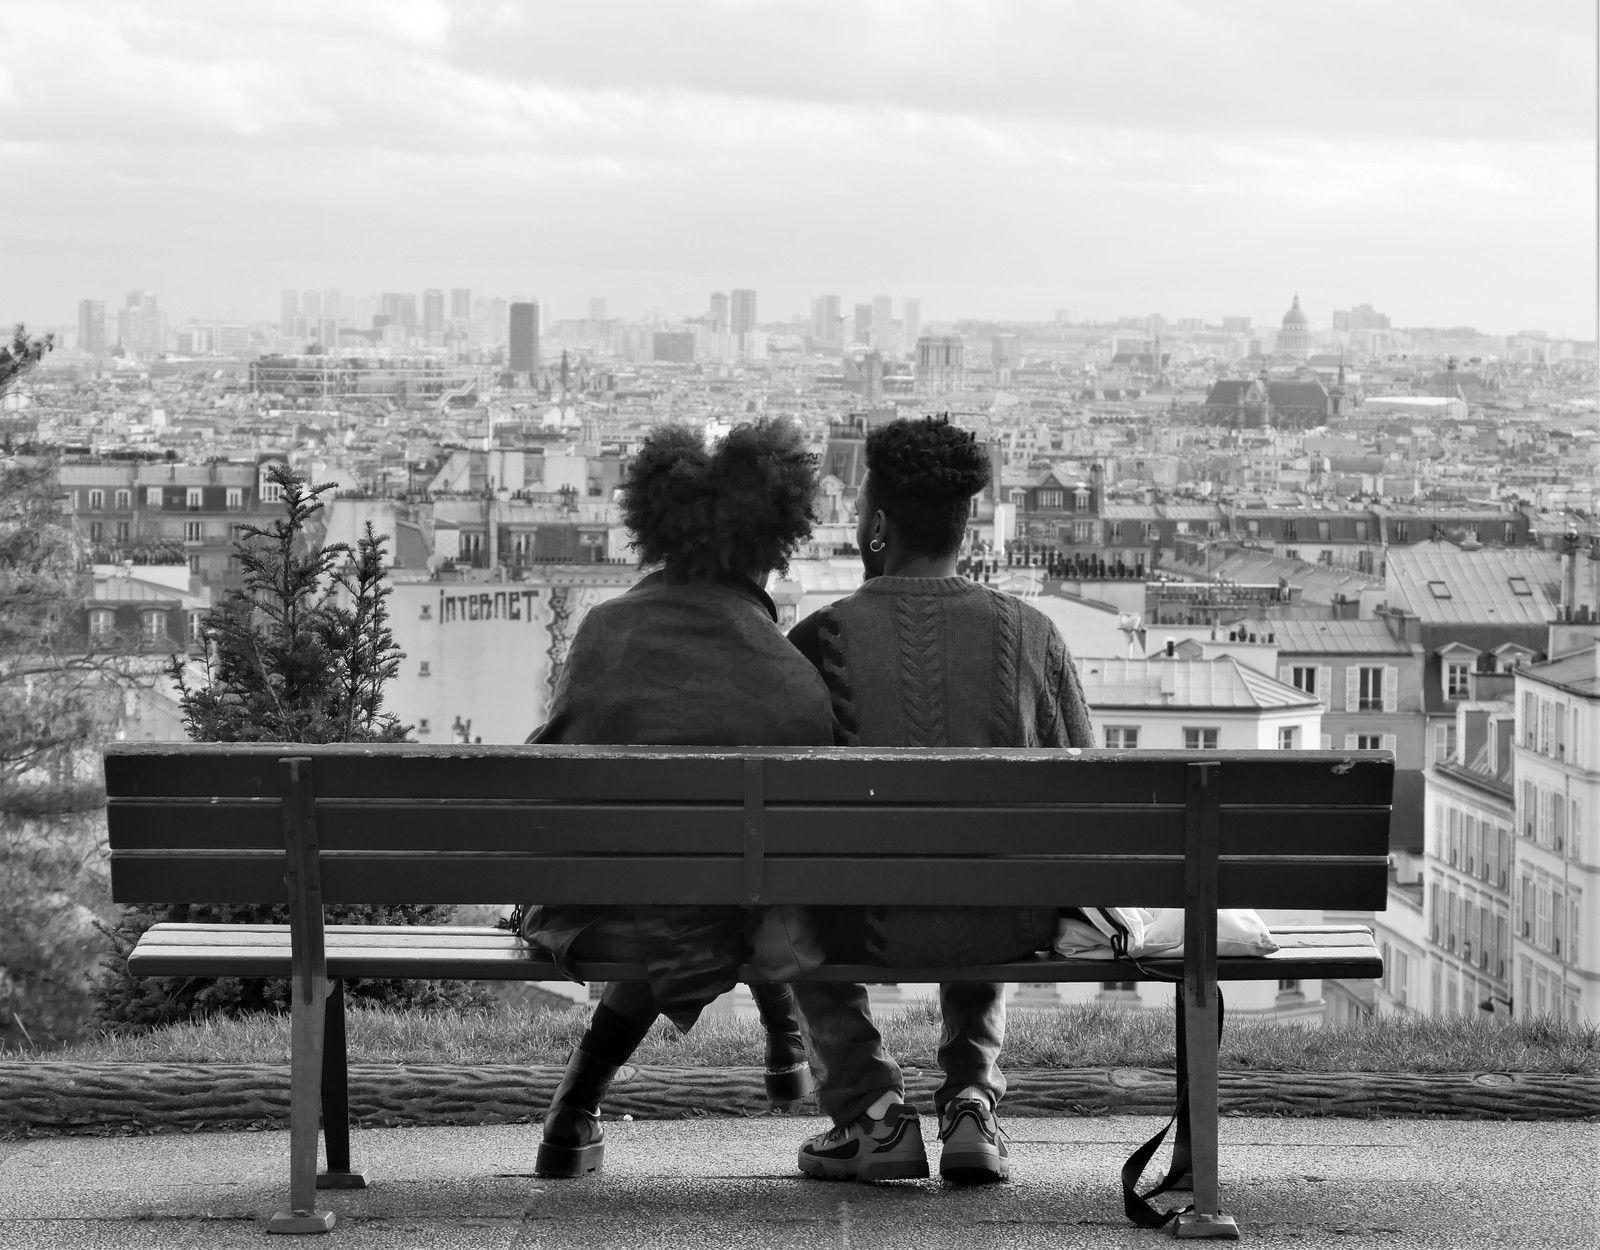 Février 2020. Album photos de Montmartre au jour le jour.